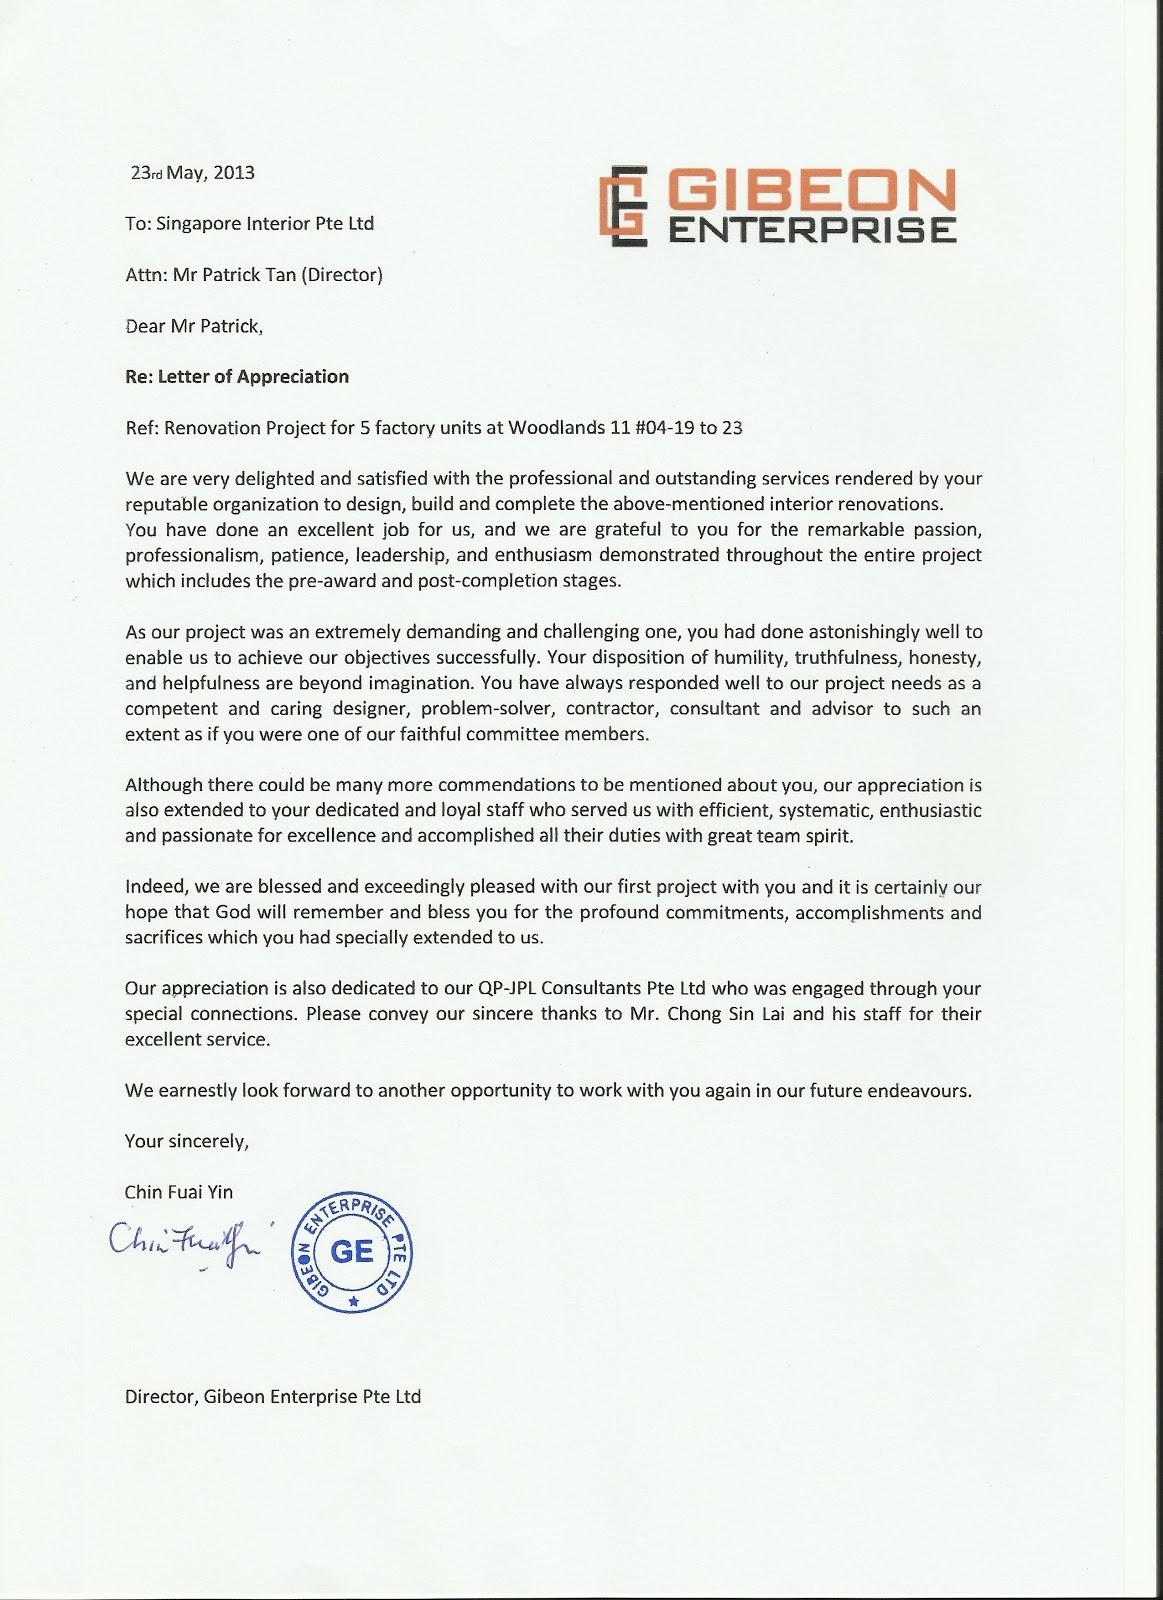 Commendation letter format pasoevolist commendation letter format yadclub Image collections